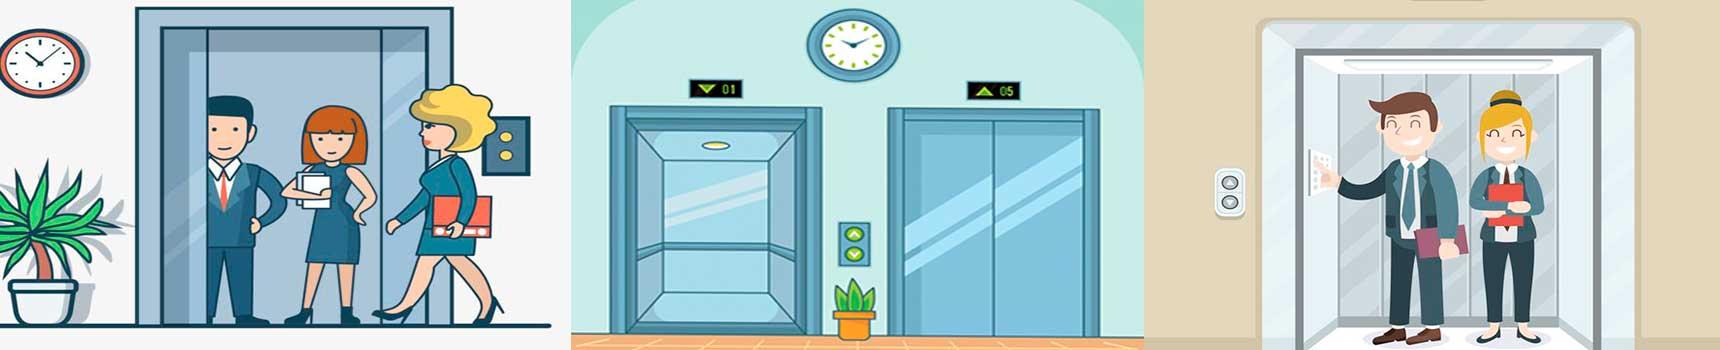 pasos-a-seguir-para-instalar-un-ascensor-en-comunidad-de-propietarios